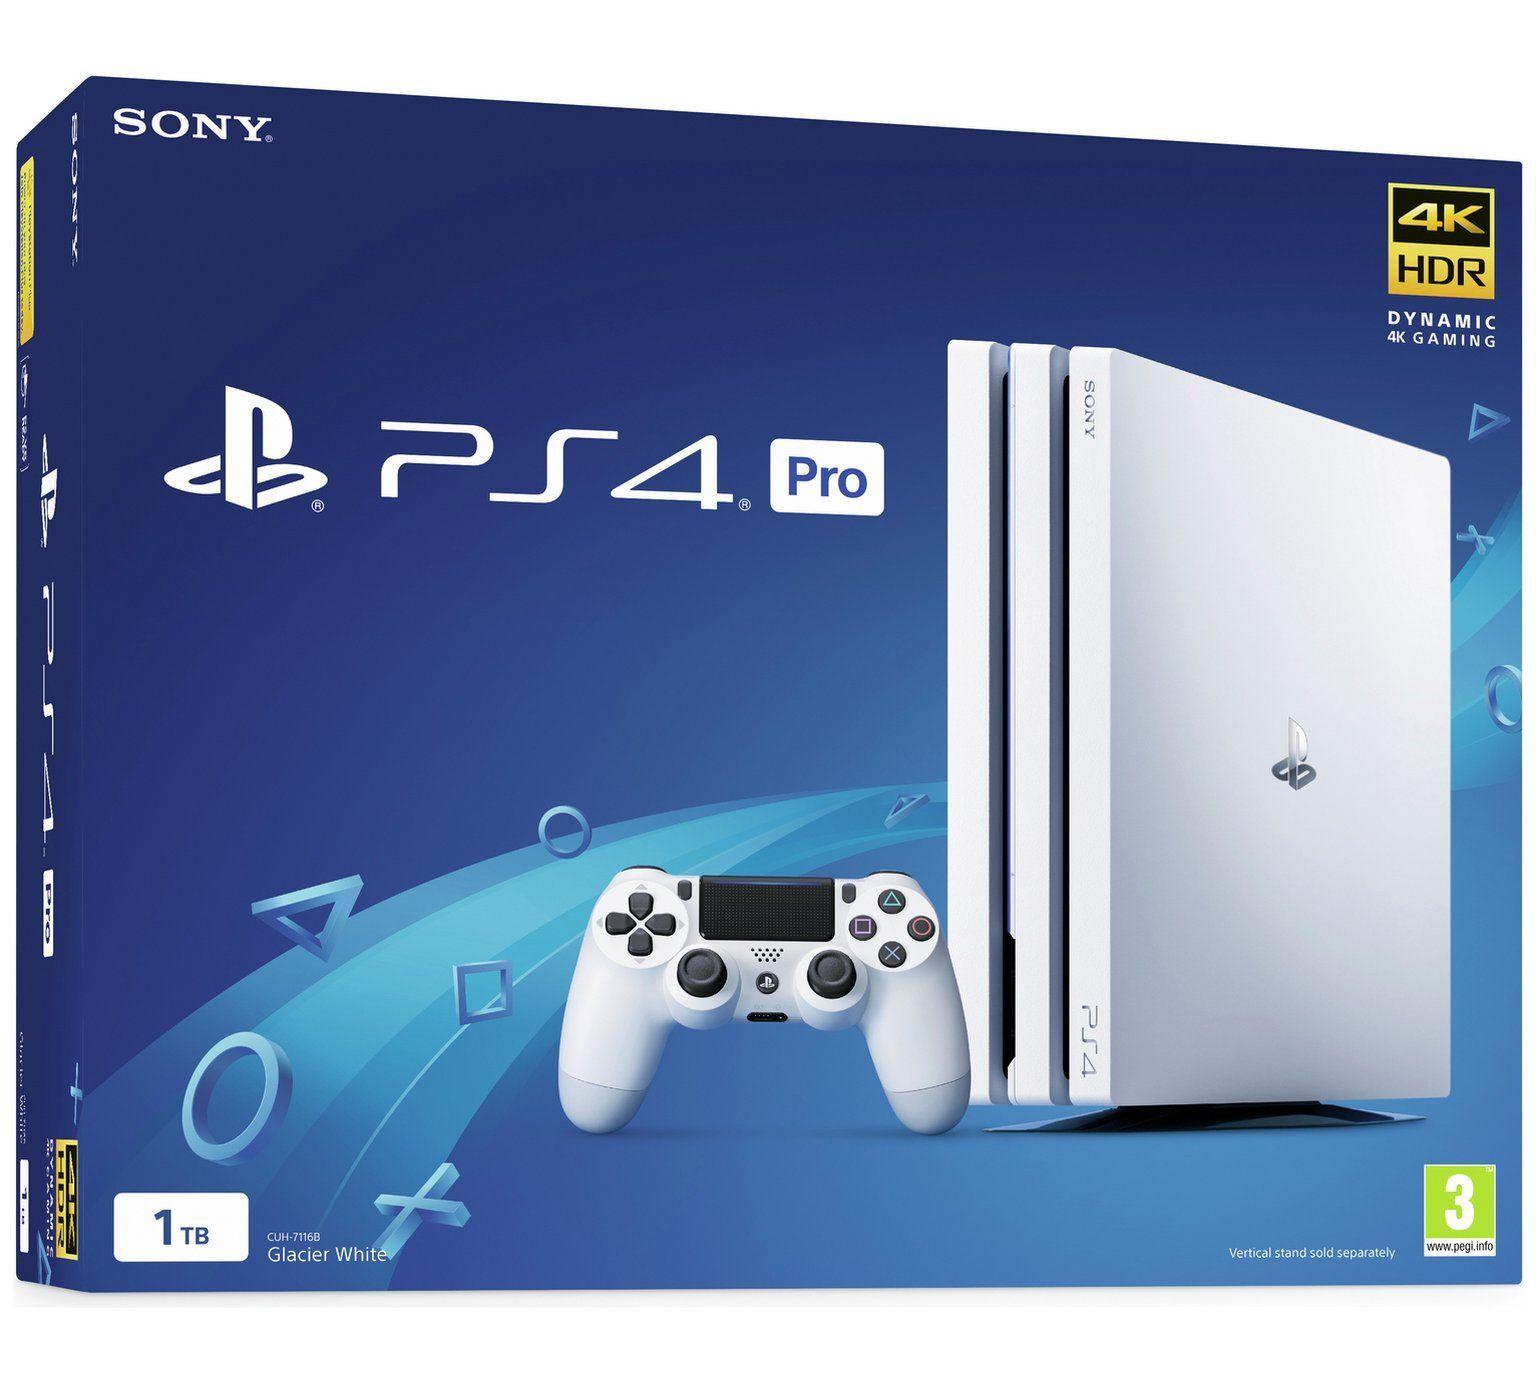 Console Playstation 4 Pro 4K - 1 Terabyte - Branco